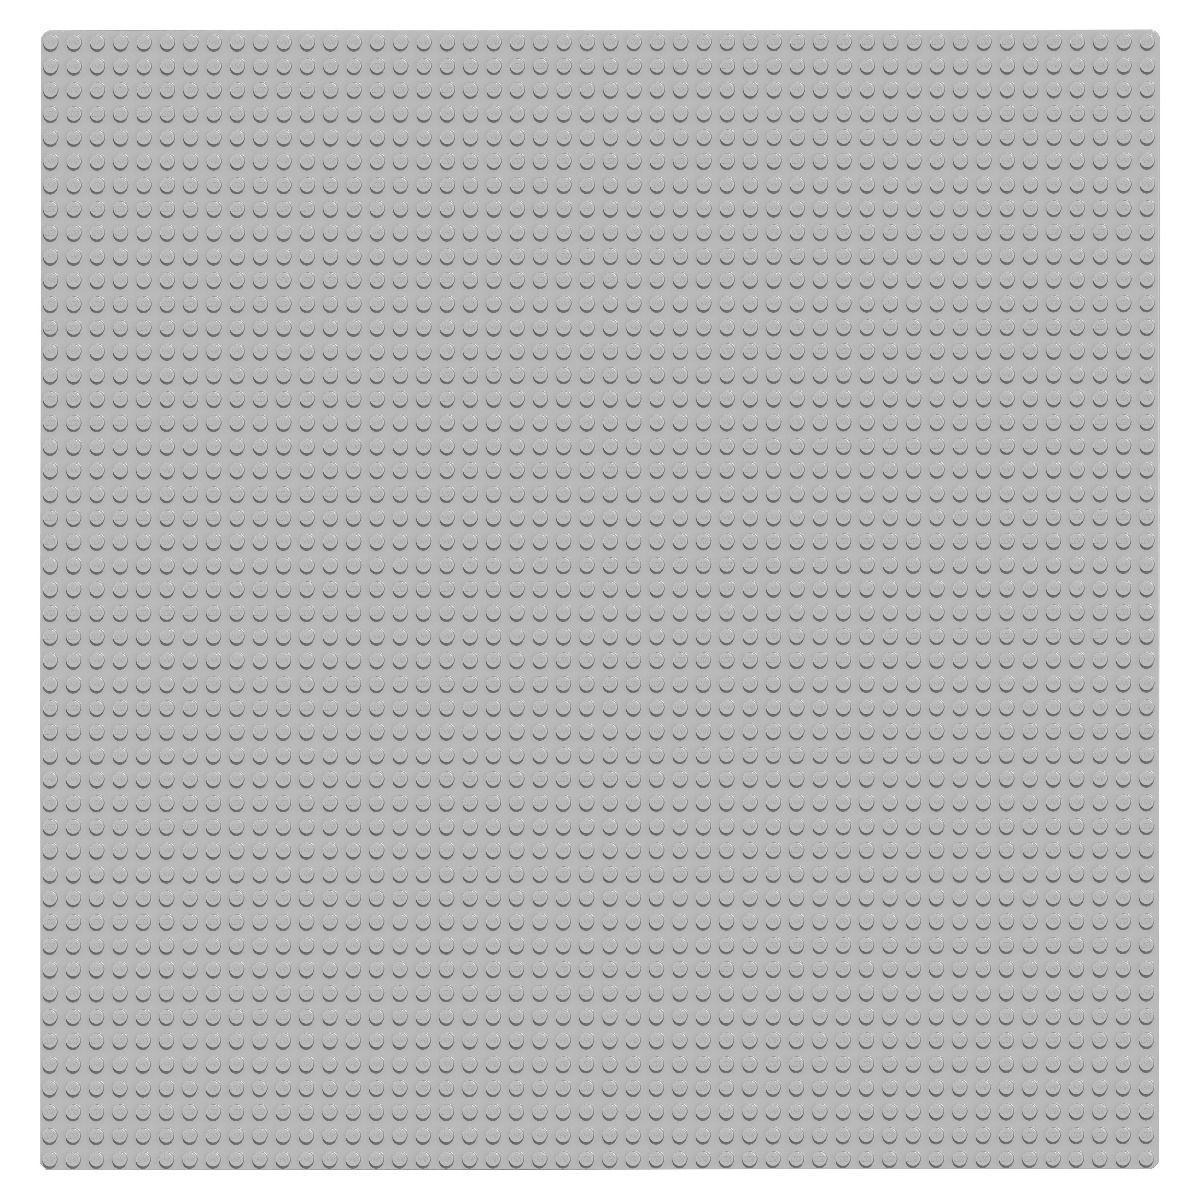 LEGO возраст 4+ : Строительная пластина серого цвета Classic 10701 - фото 3